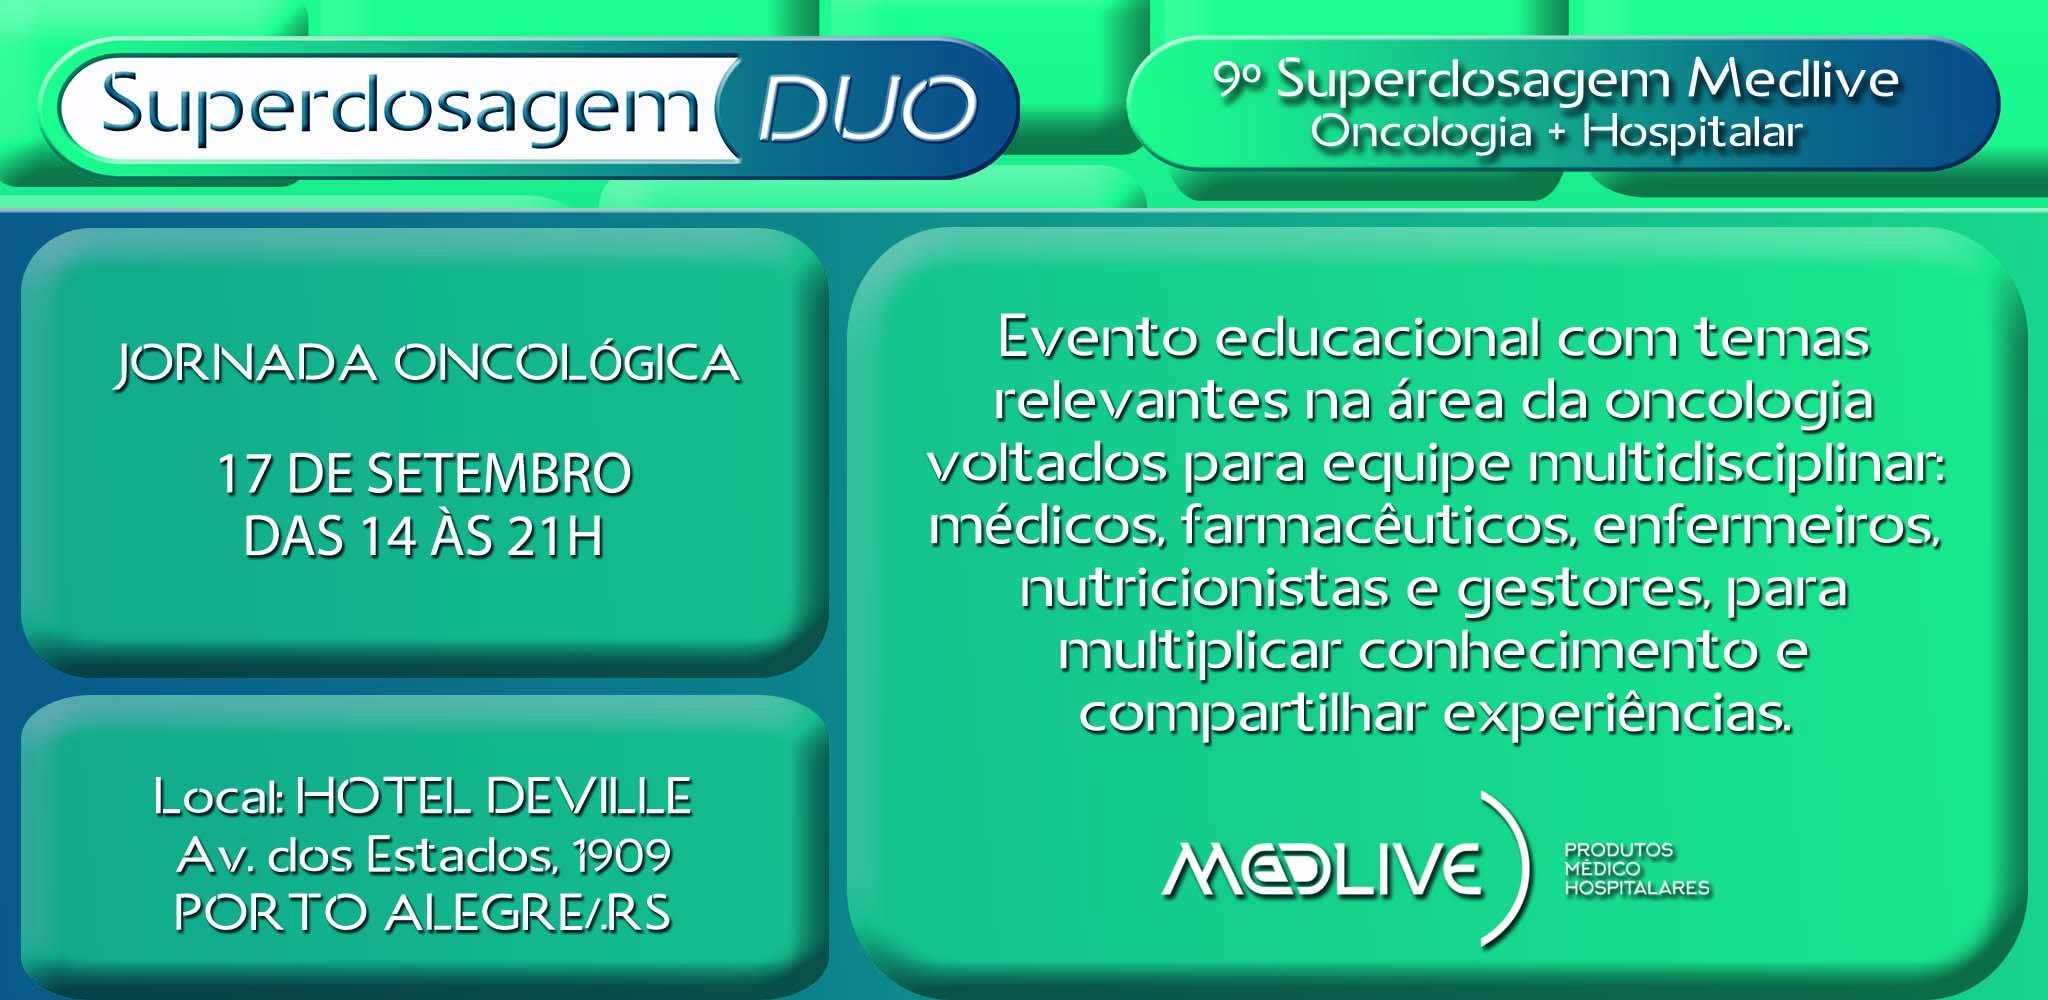 9ª Superdosagem DUO Medlive - JORNADA ONCOLÓGICA